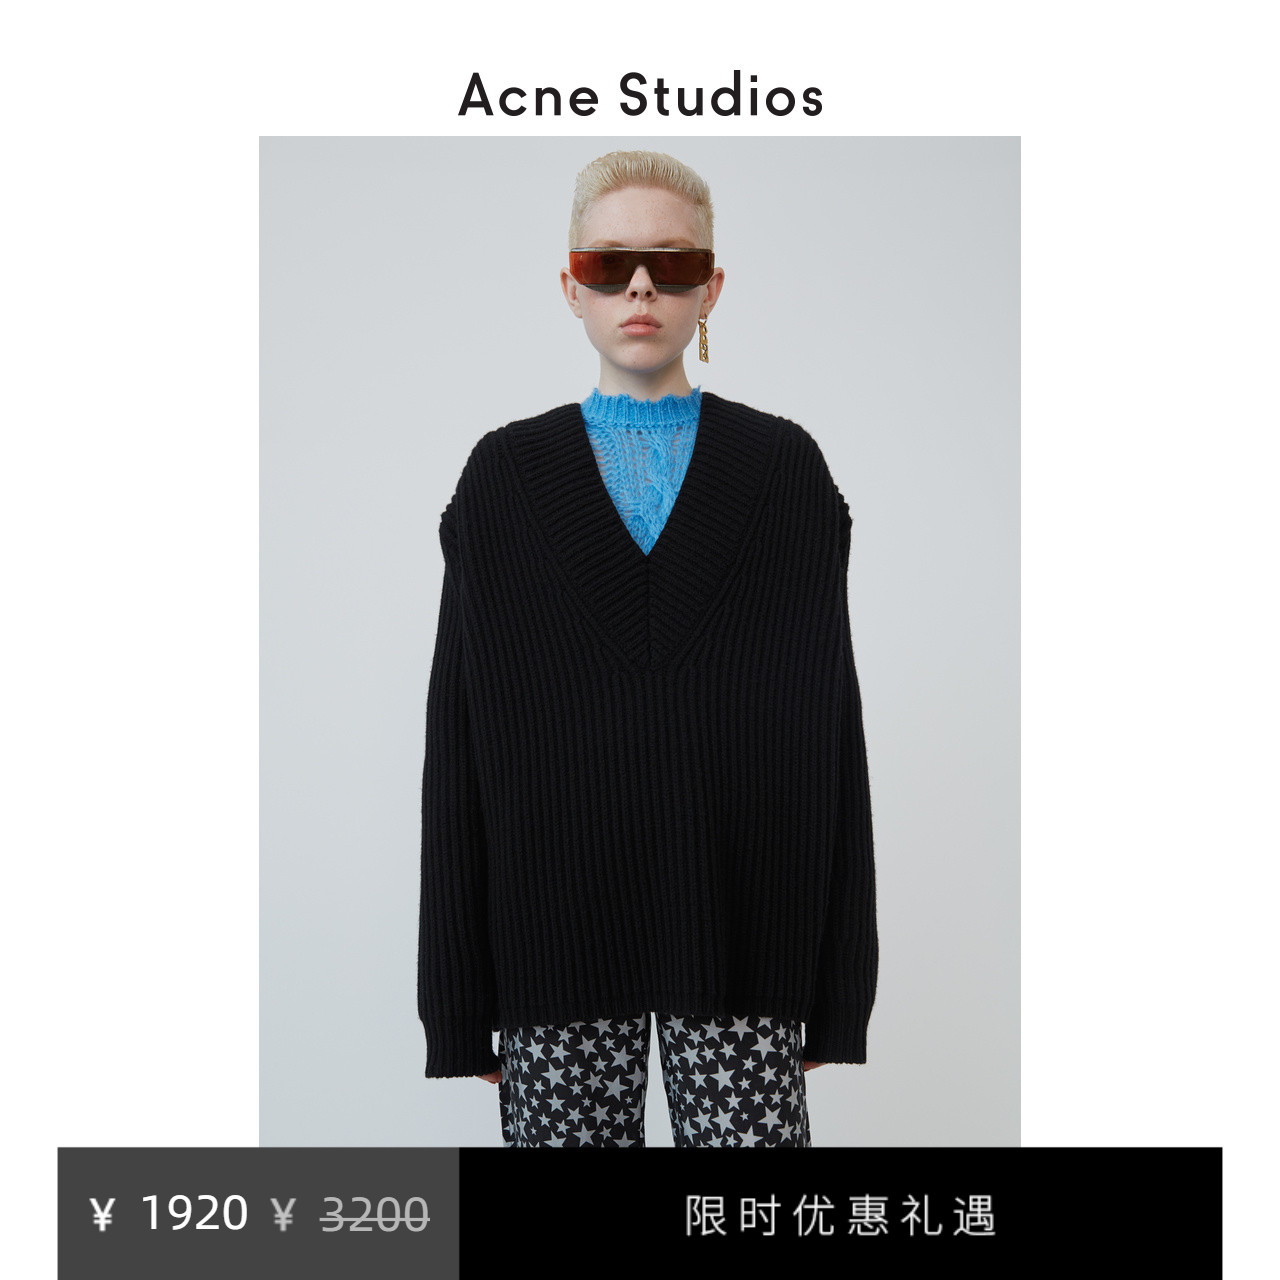 Acne Studios 粗罗纹羊毛宽松深V领毛衣女士毛针织衫 A60106-900,降价幅度33.3%